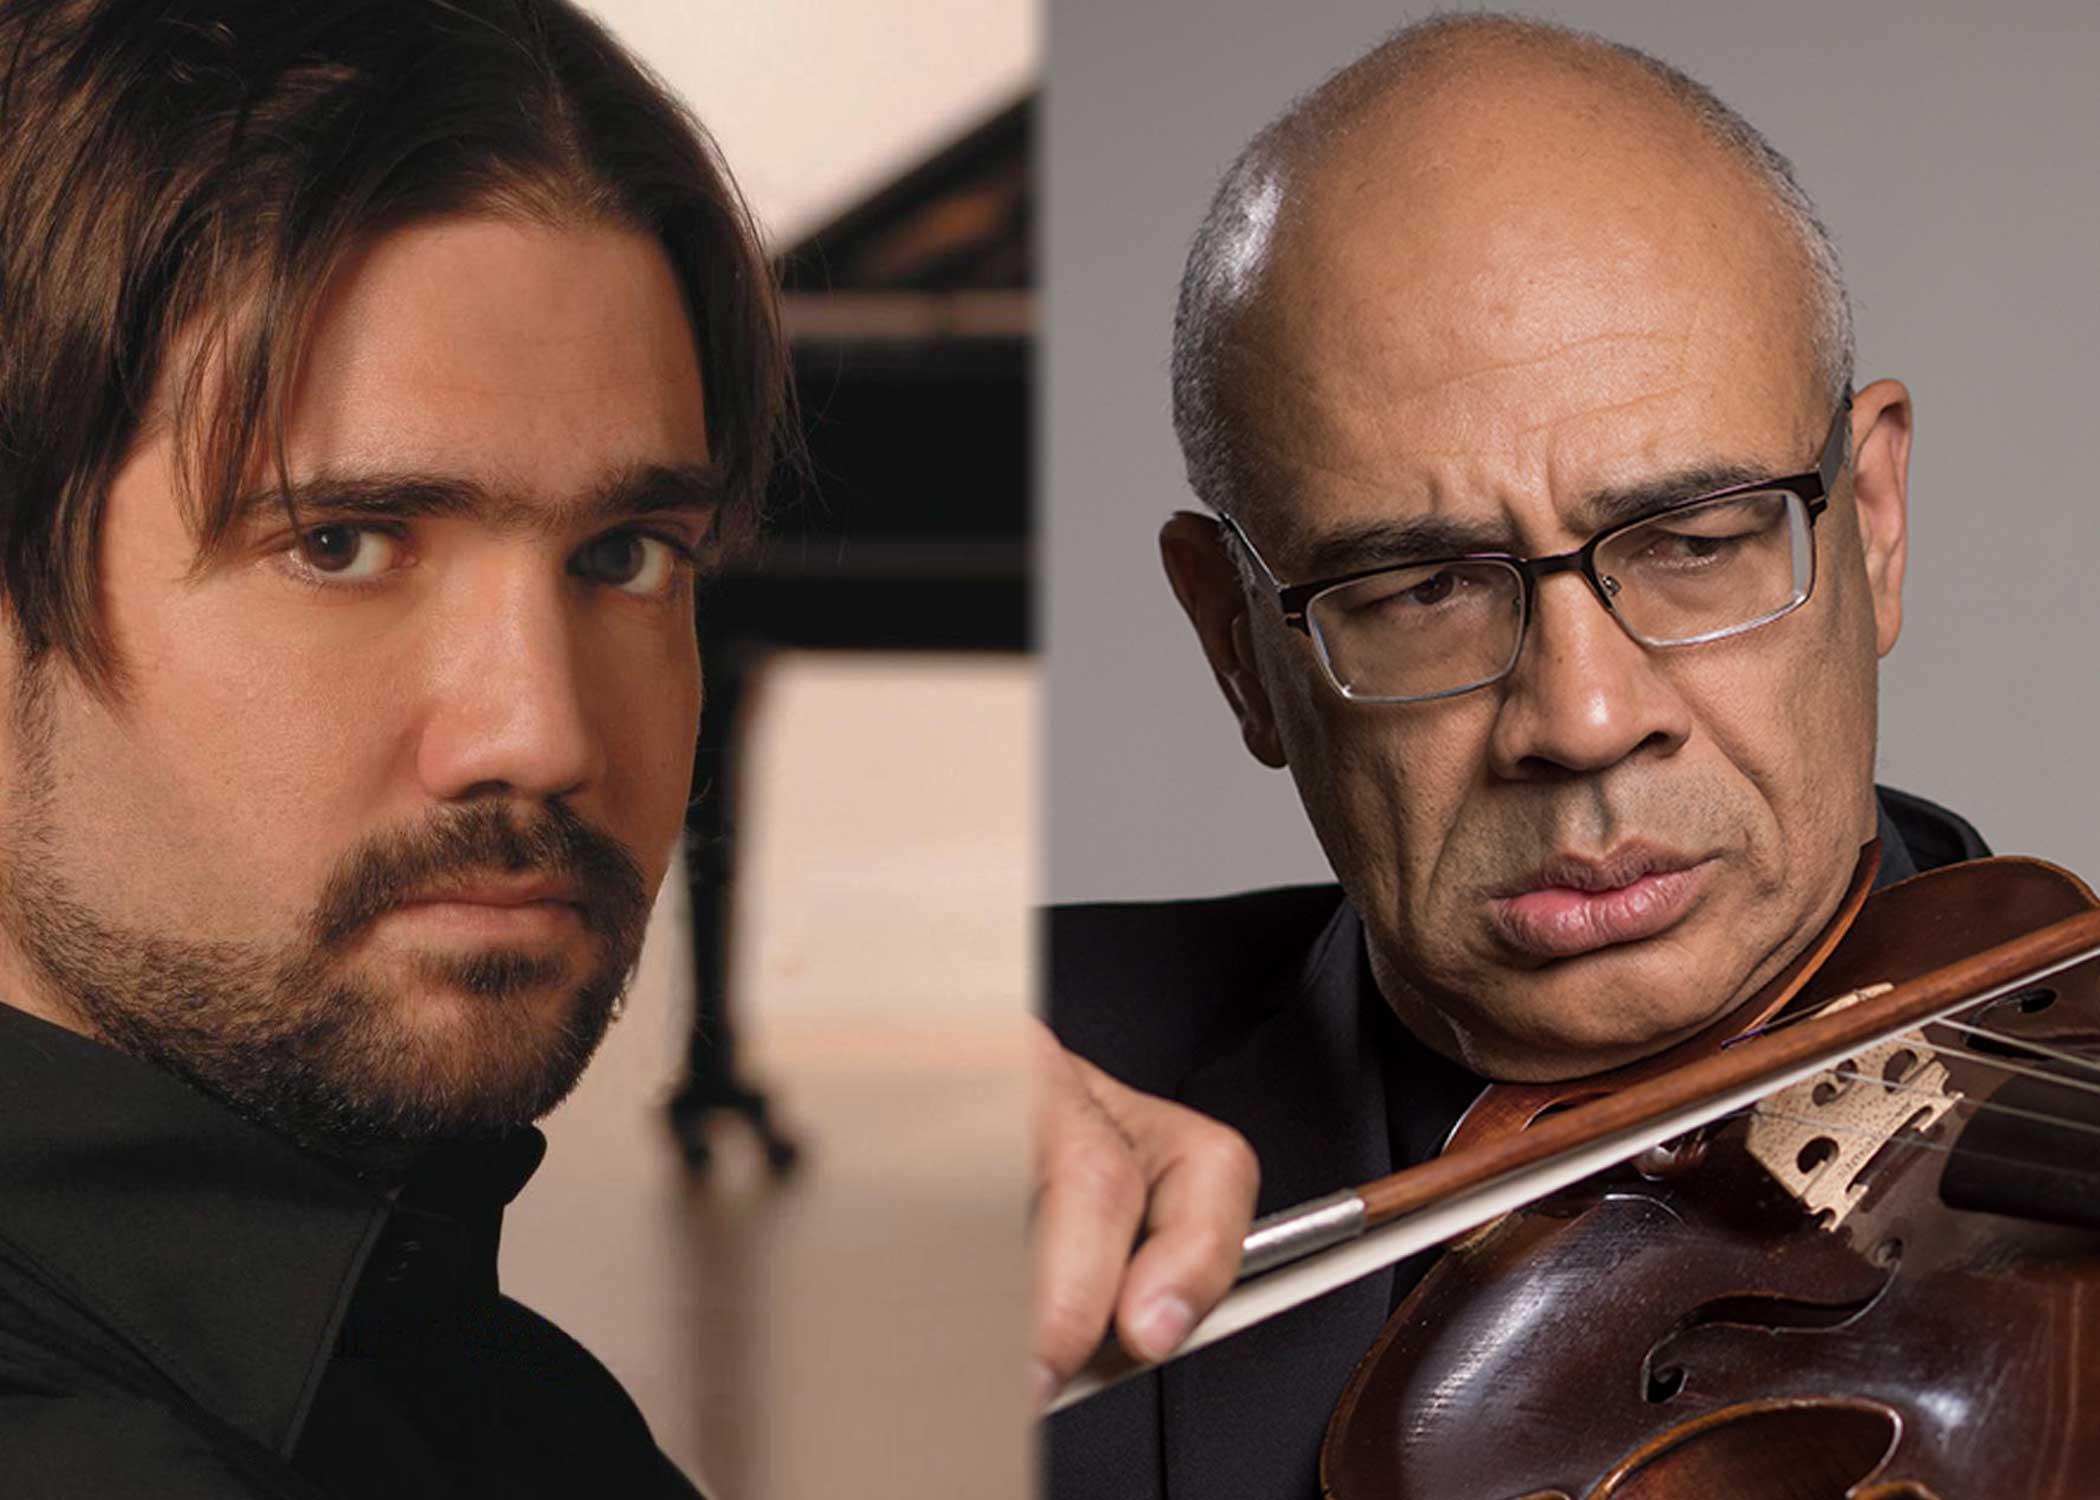 FA-Davide+Basil.jpg